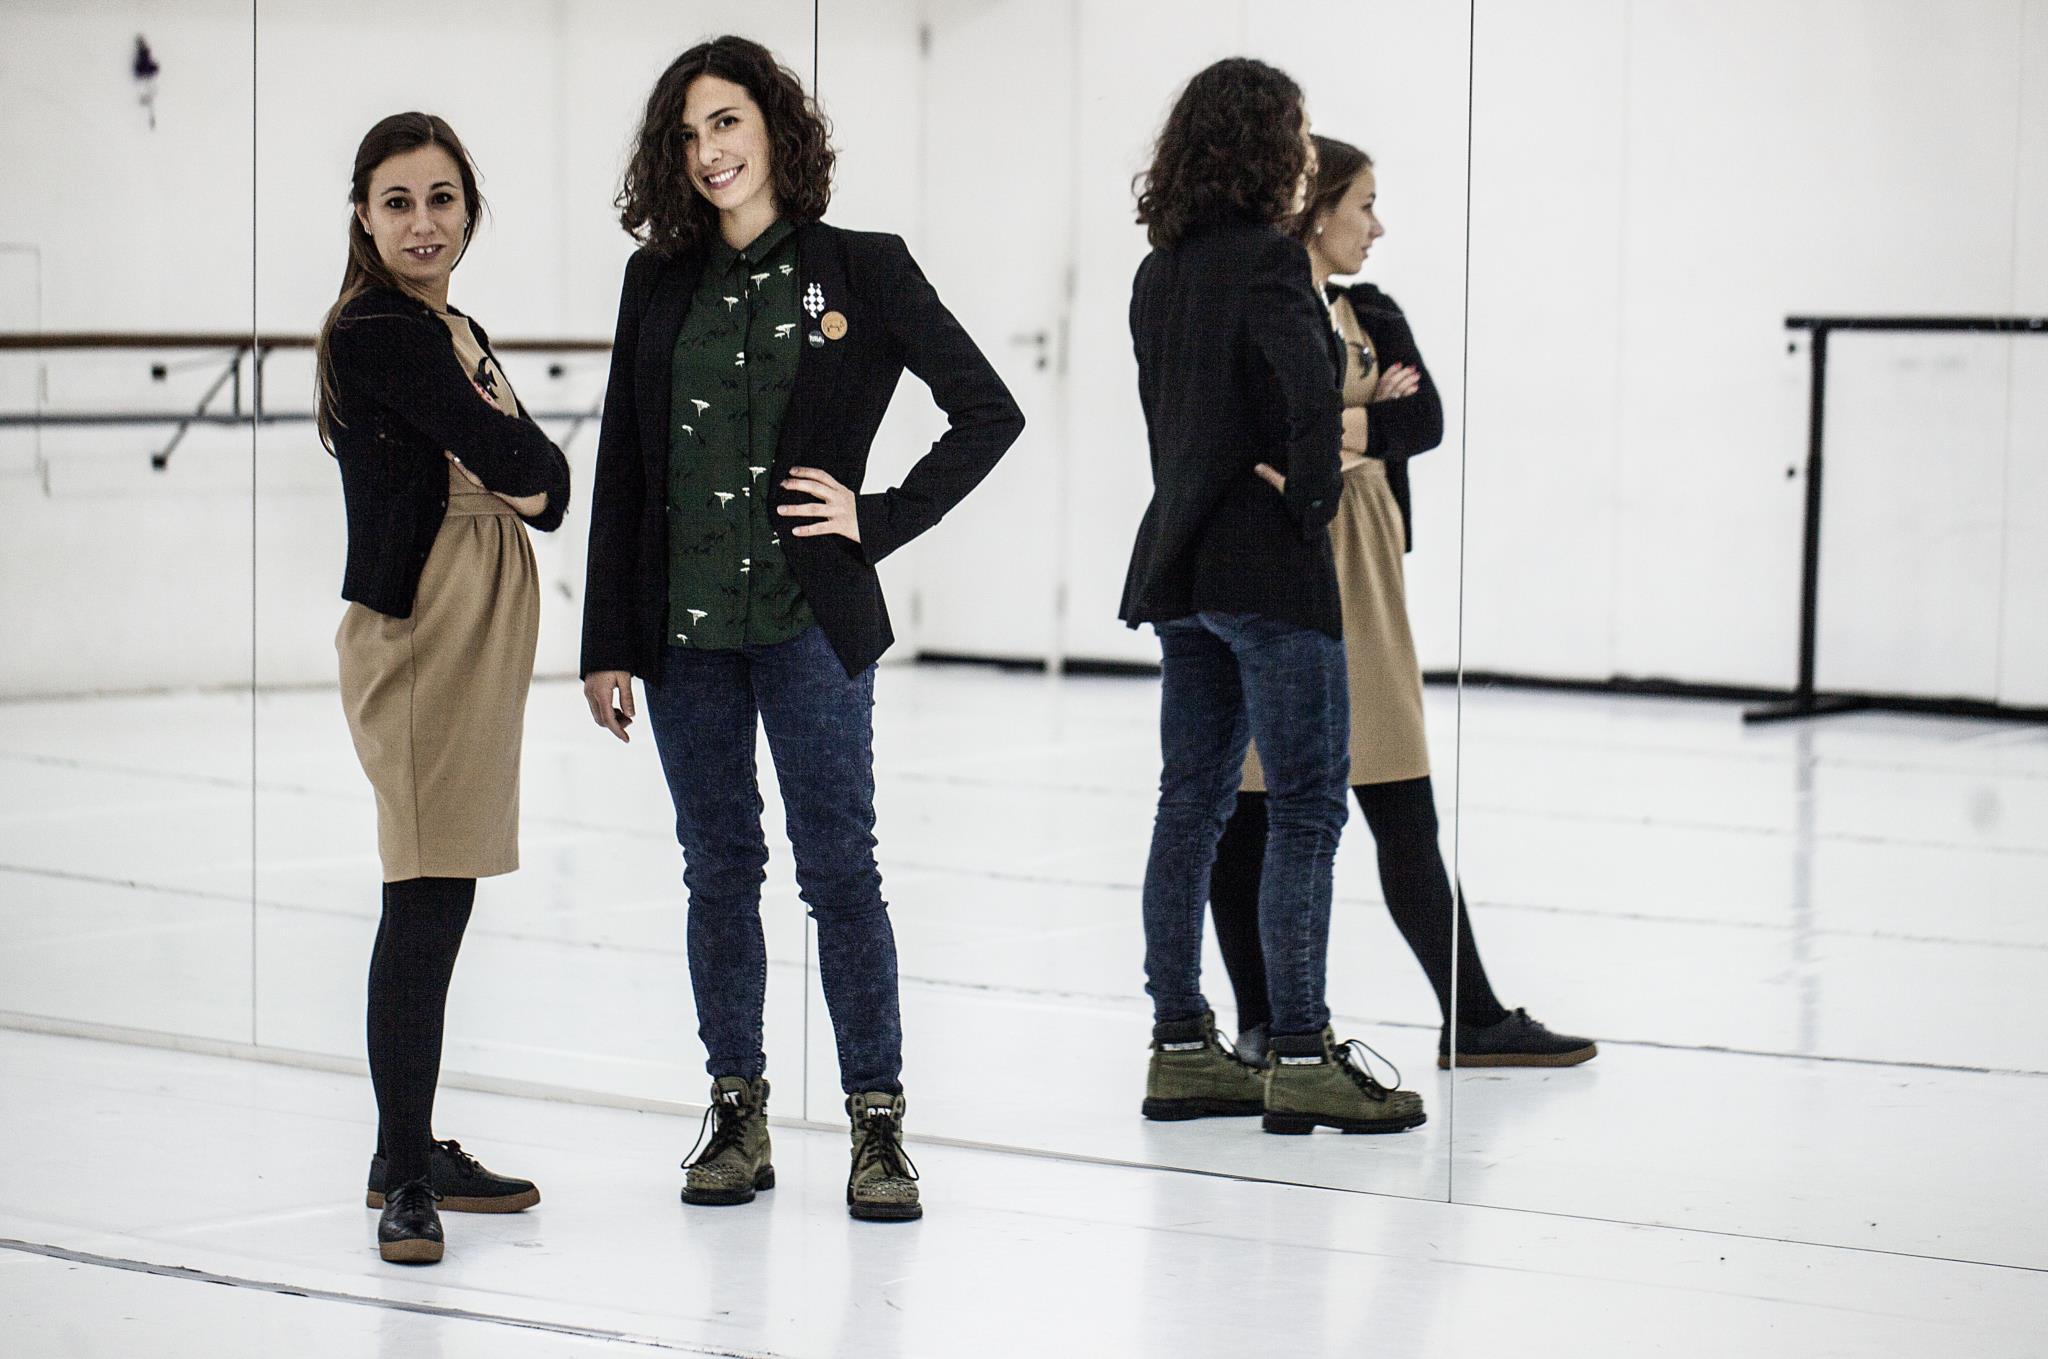 PÚBLICO - Companhia de dança pede apoio para poder nascer